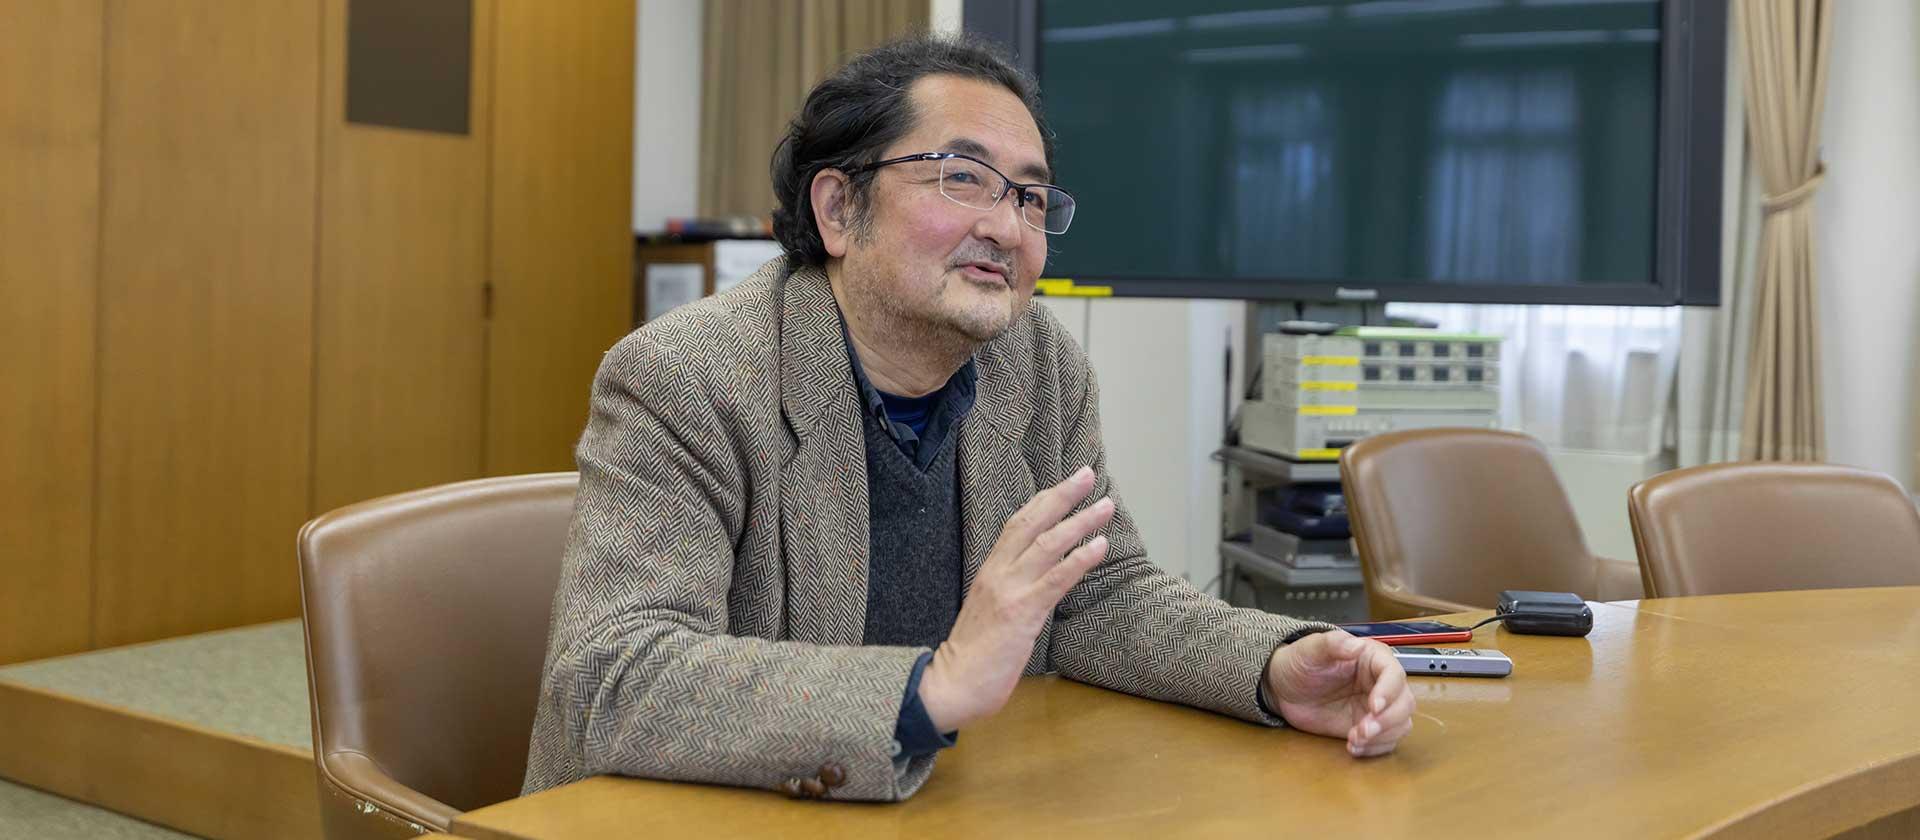 関西学院大学競技スポーツ局 冨田宏治局長インタビュー